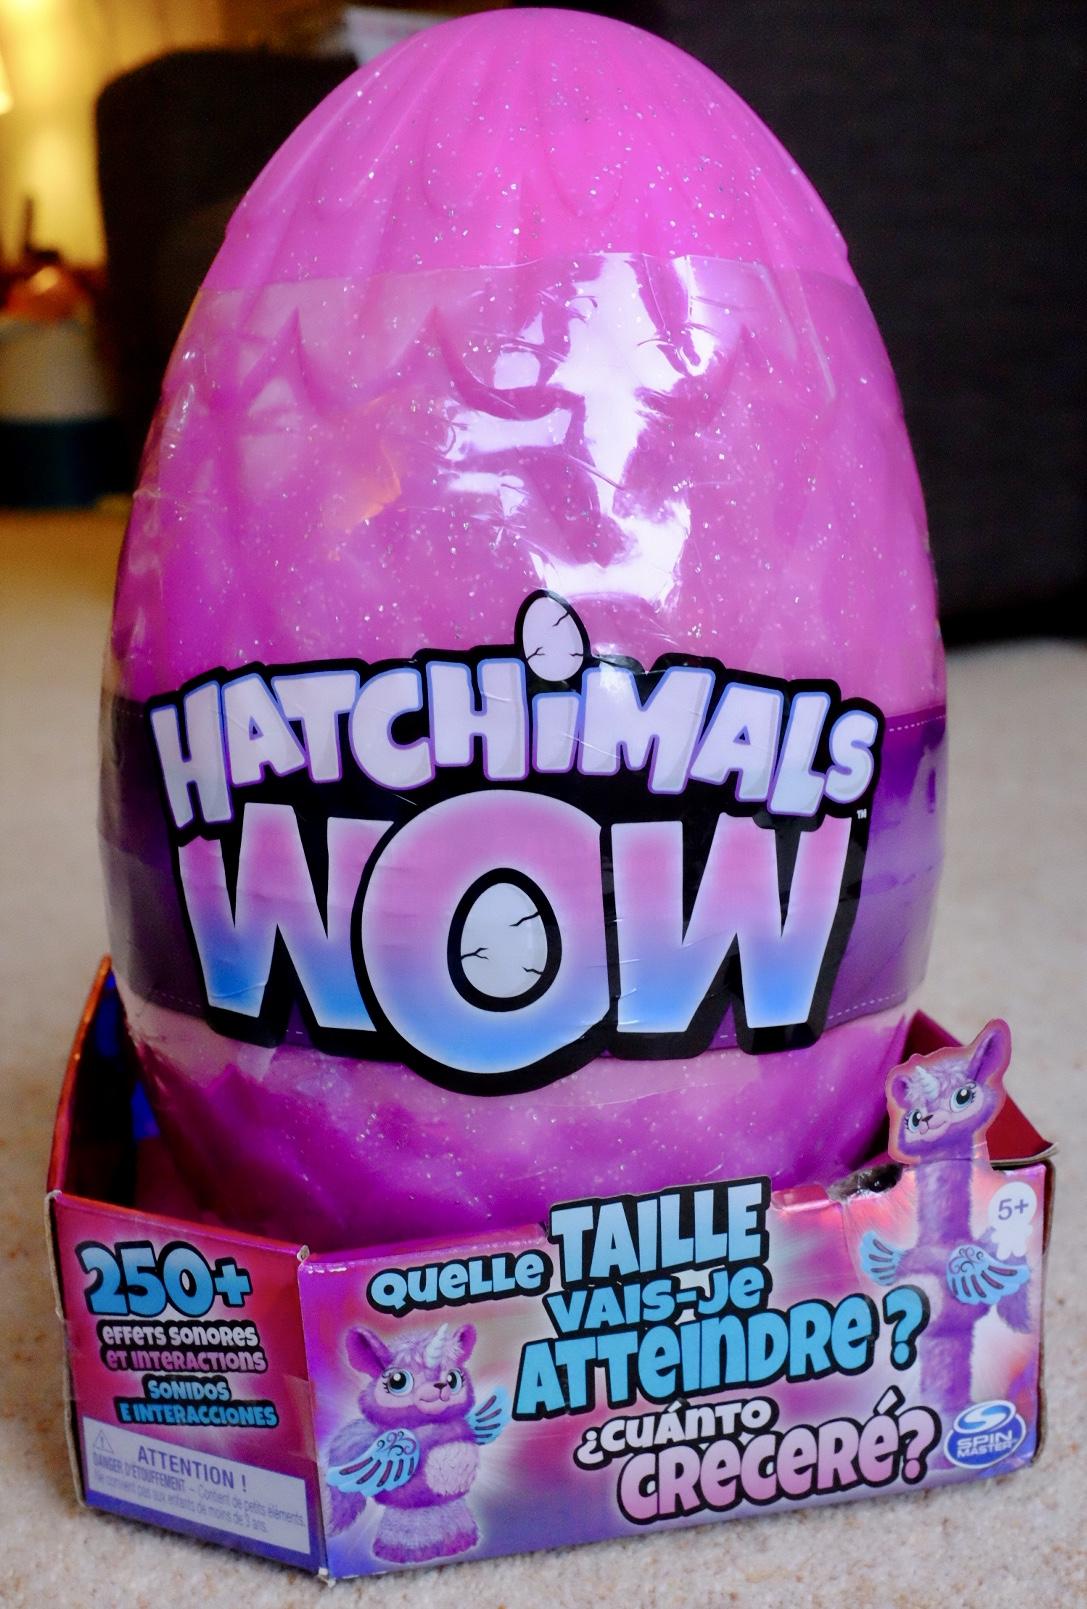 Hatchimals wow